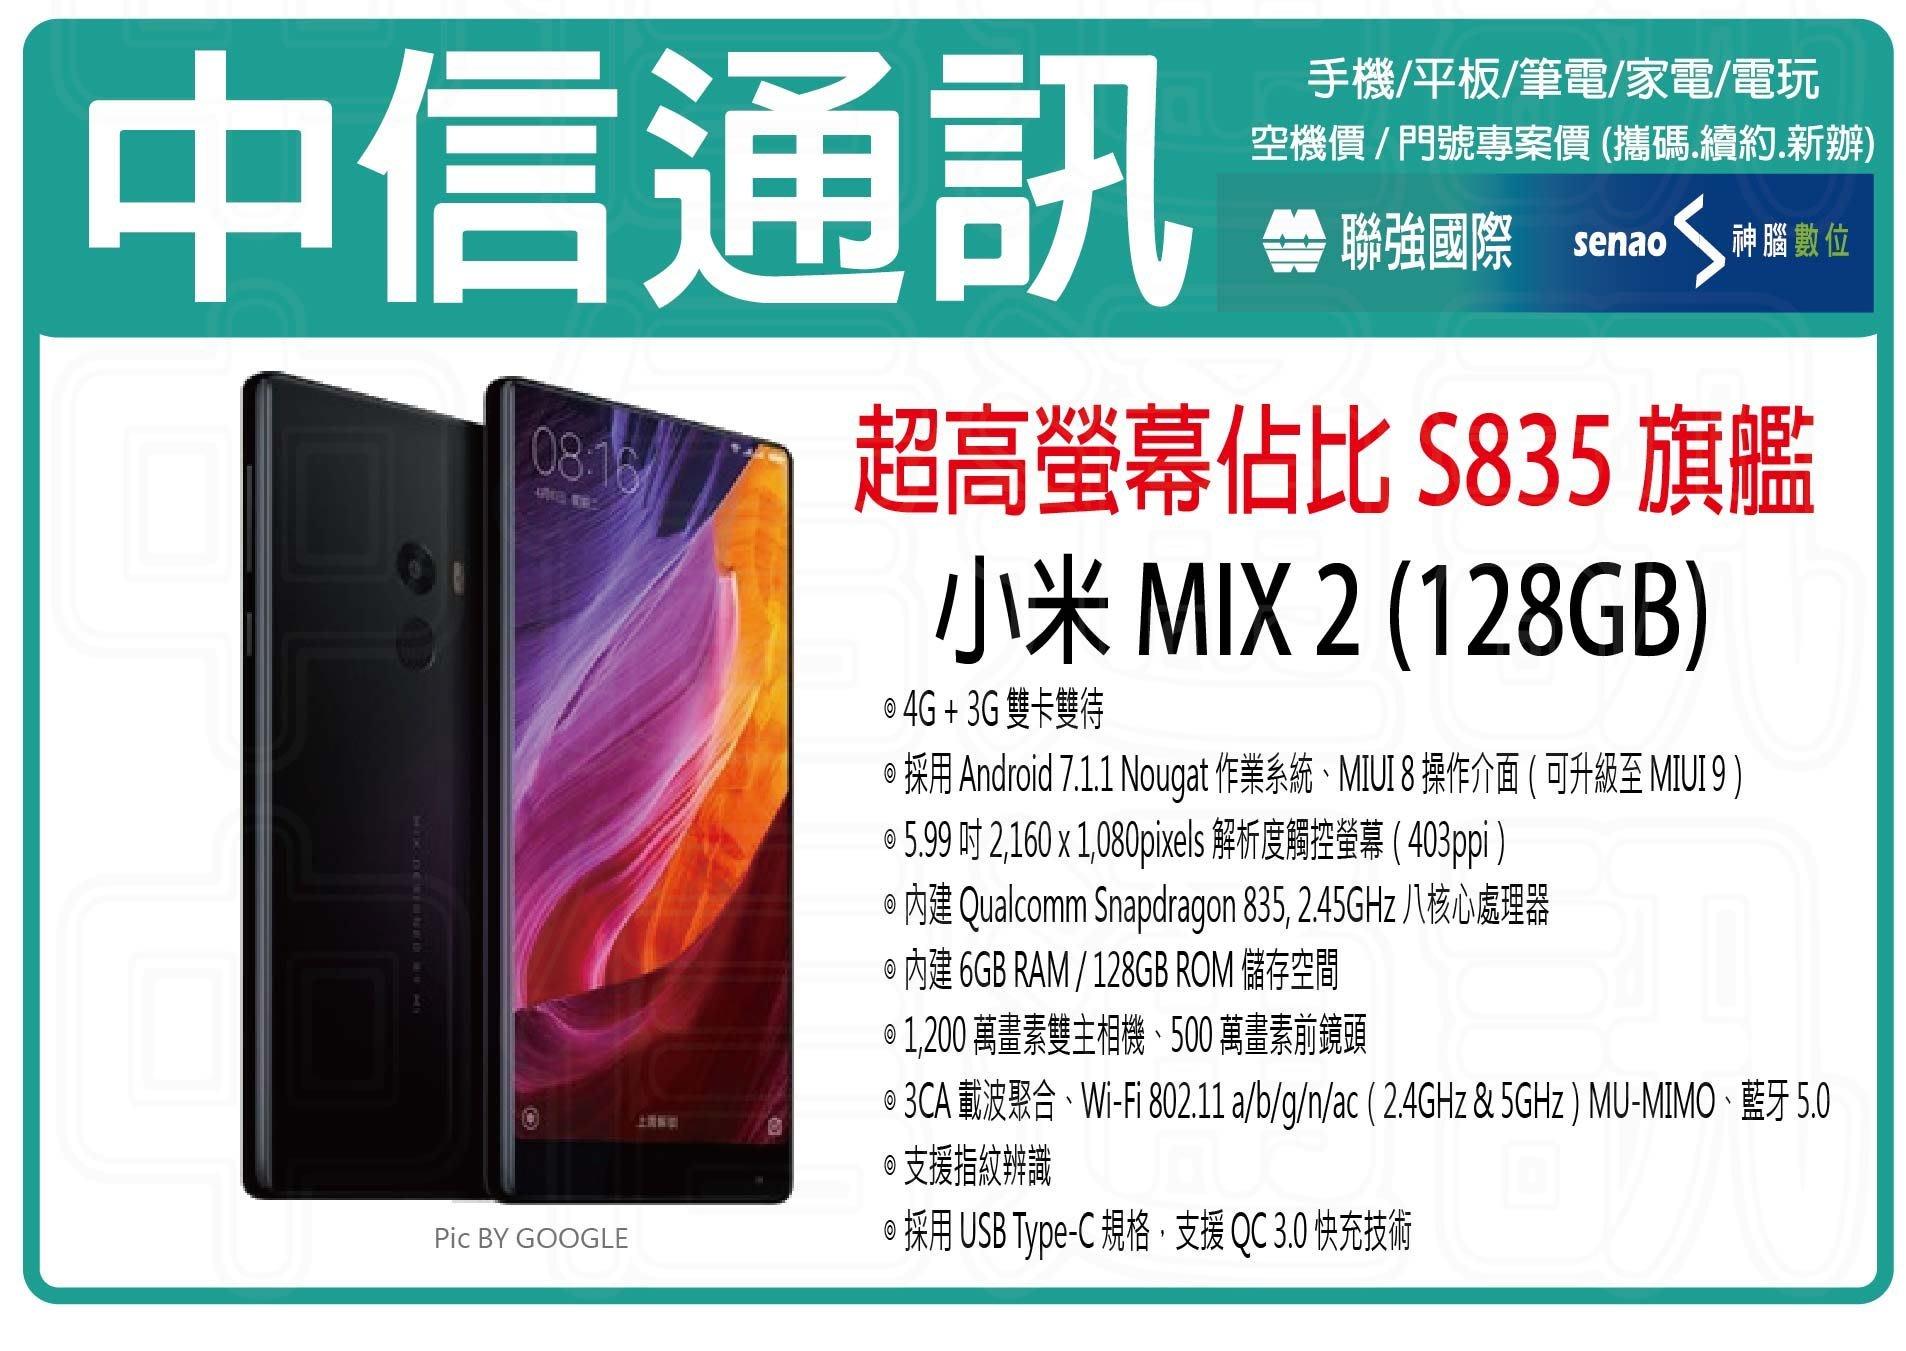 小米MIX2 128G現貨 台灣之星續約小米MIX2 128G學生分期 免卡分期 小米MIX2 單機價專案價洽關於我